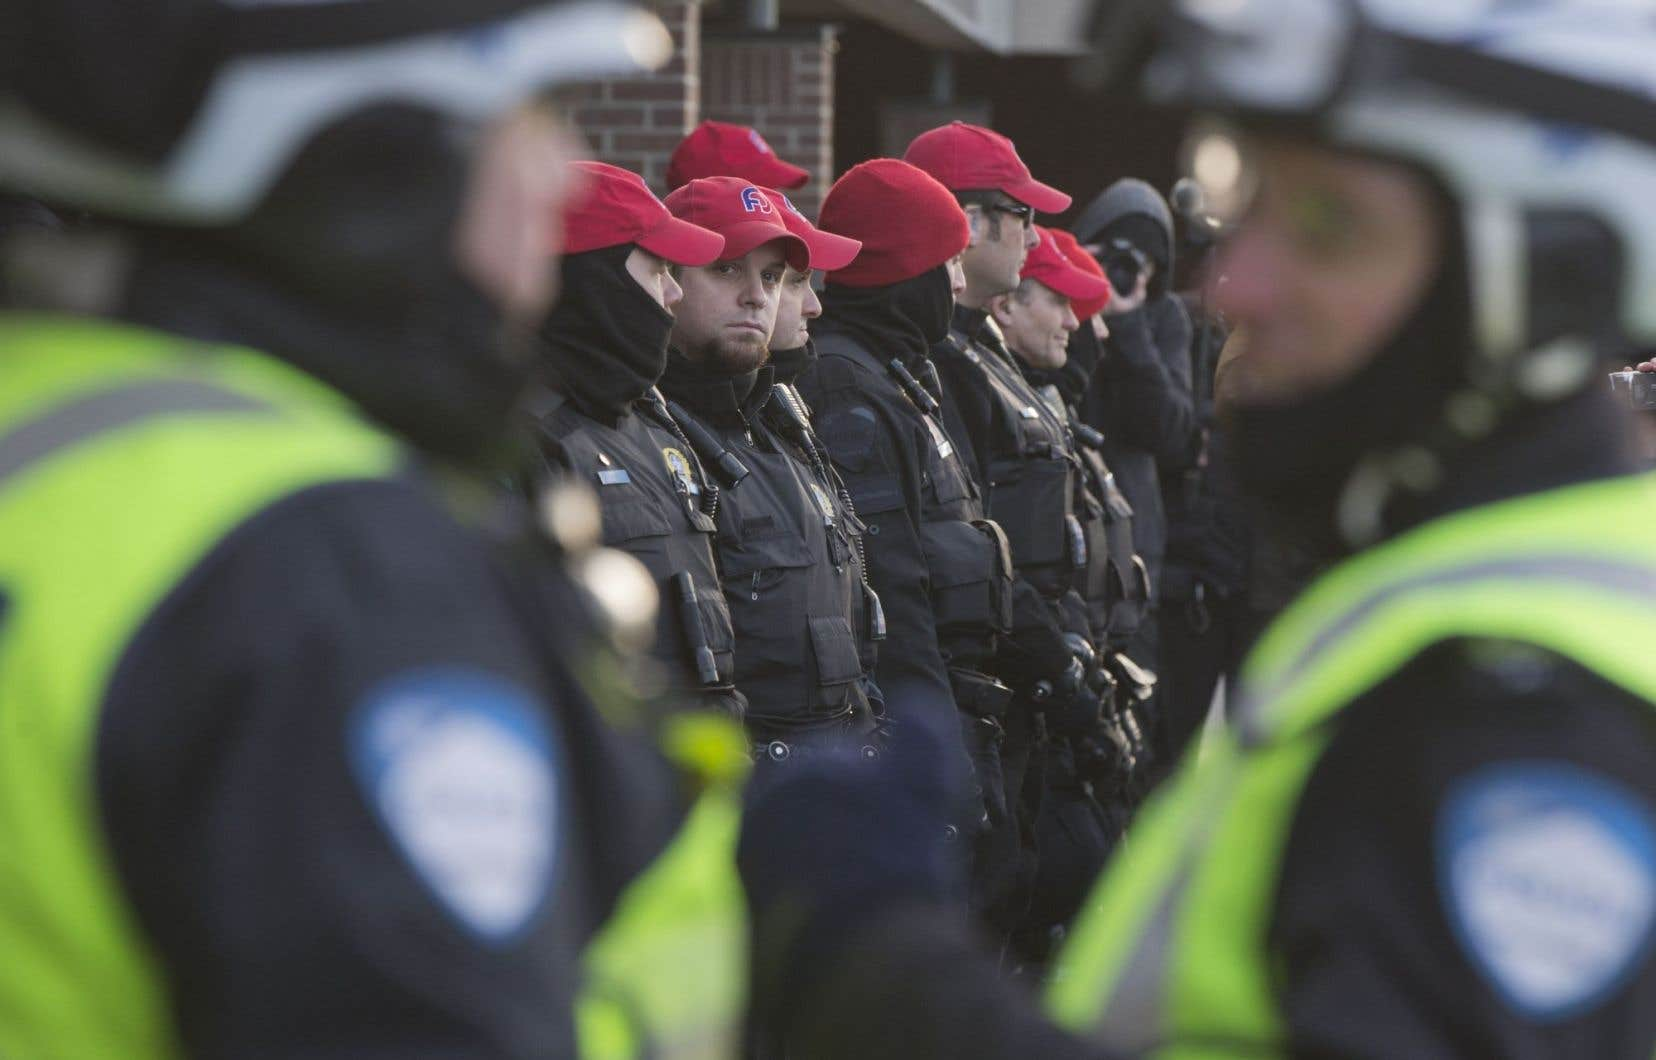 Les événements des dernières semaines nous poussent à croire que les relations entre le pouvoir politique libéral et les corps policiers sont, au Québec, symbiotiques.